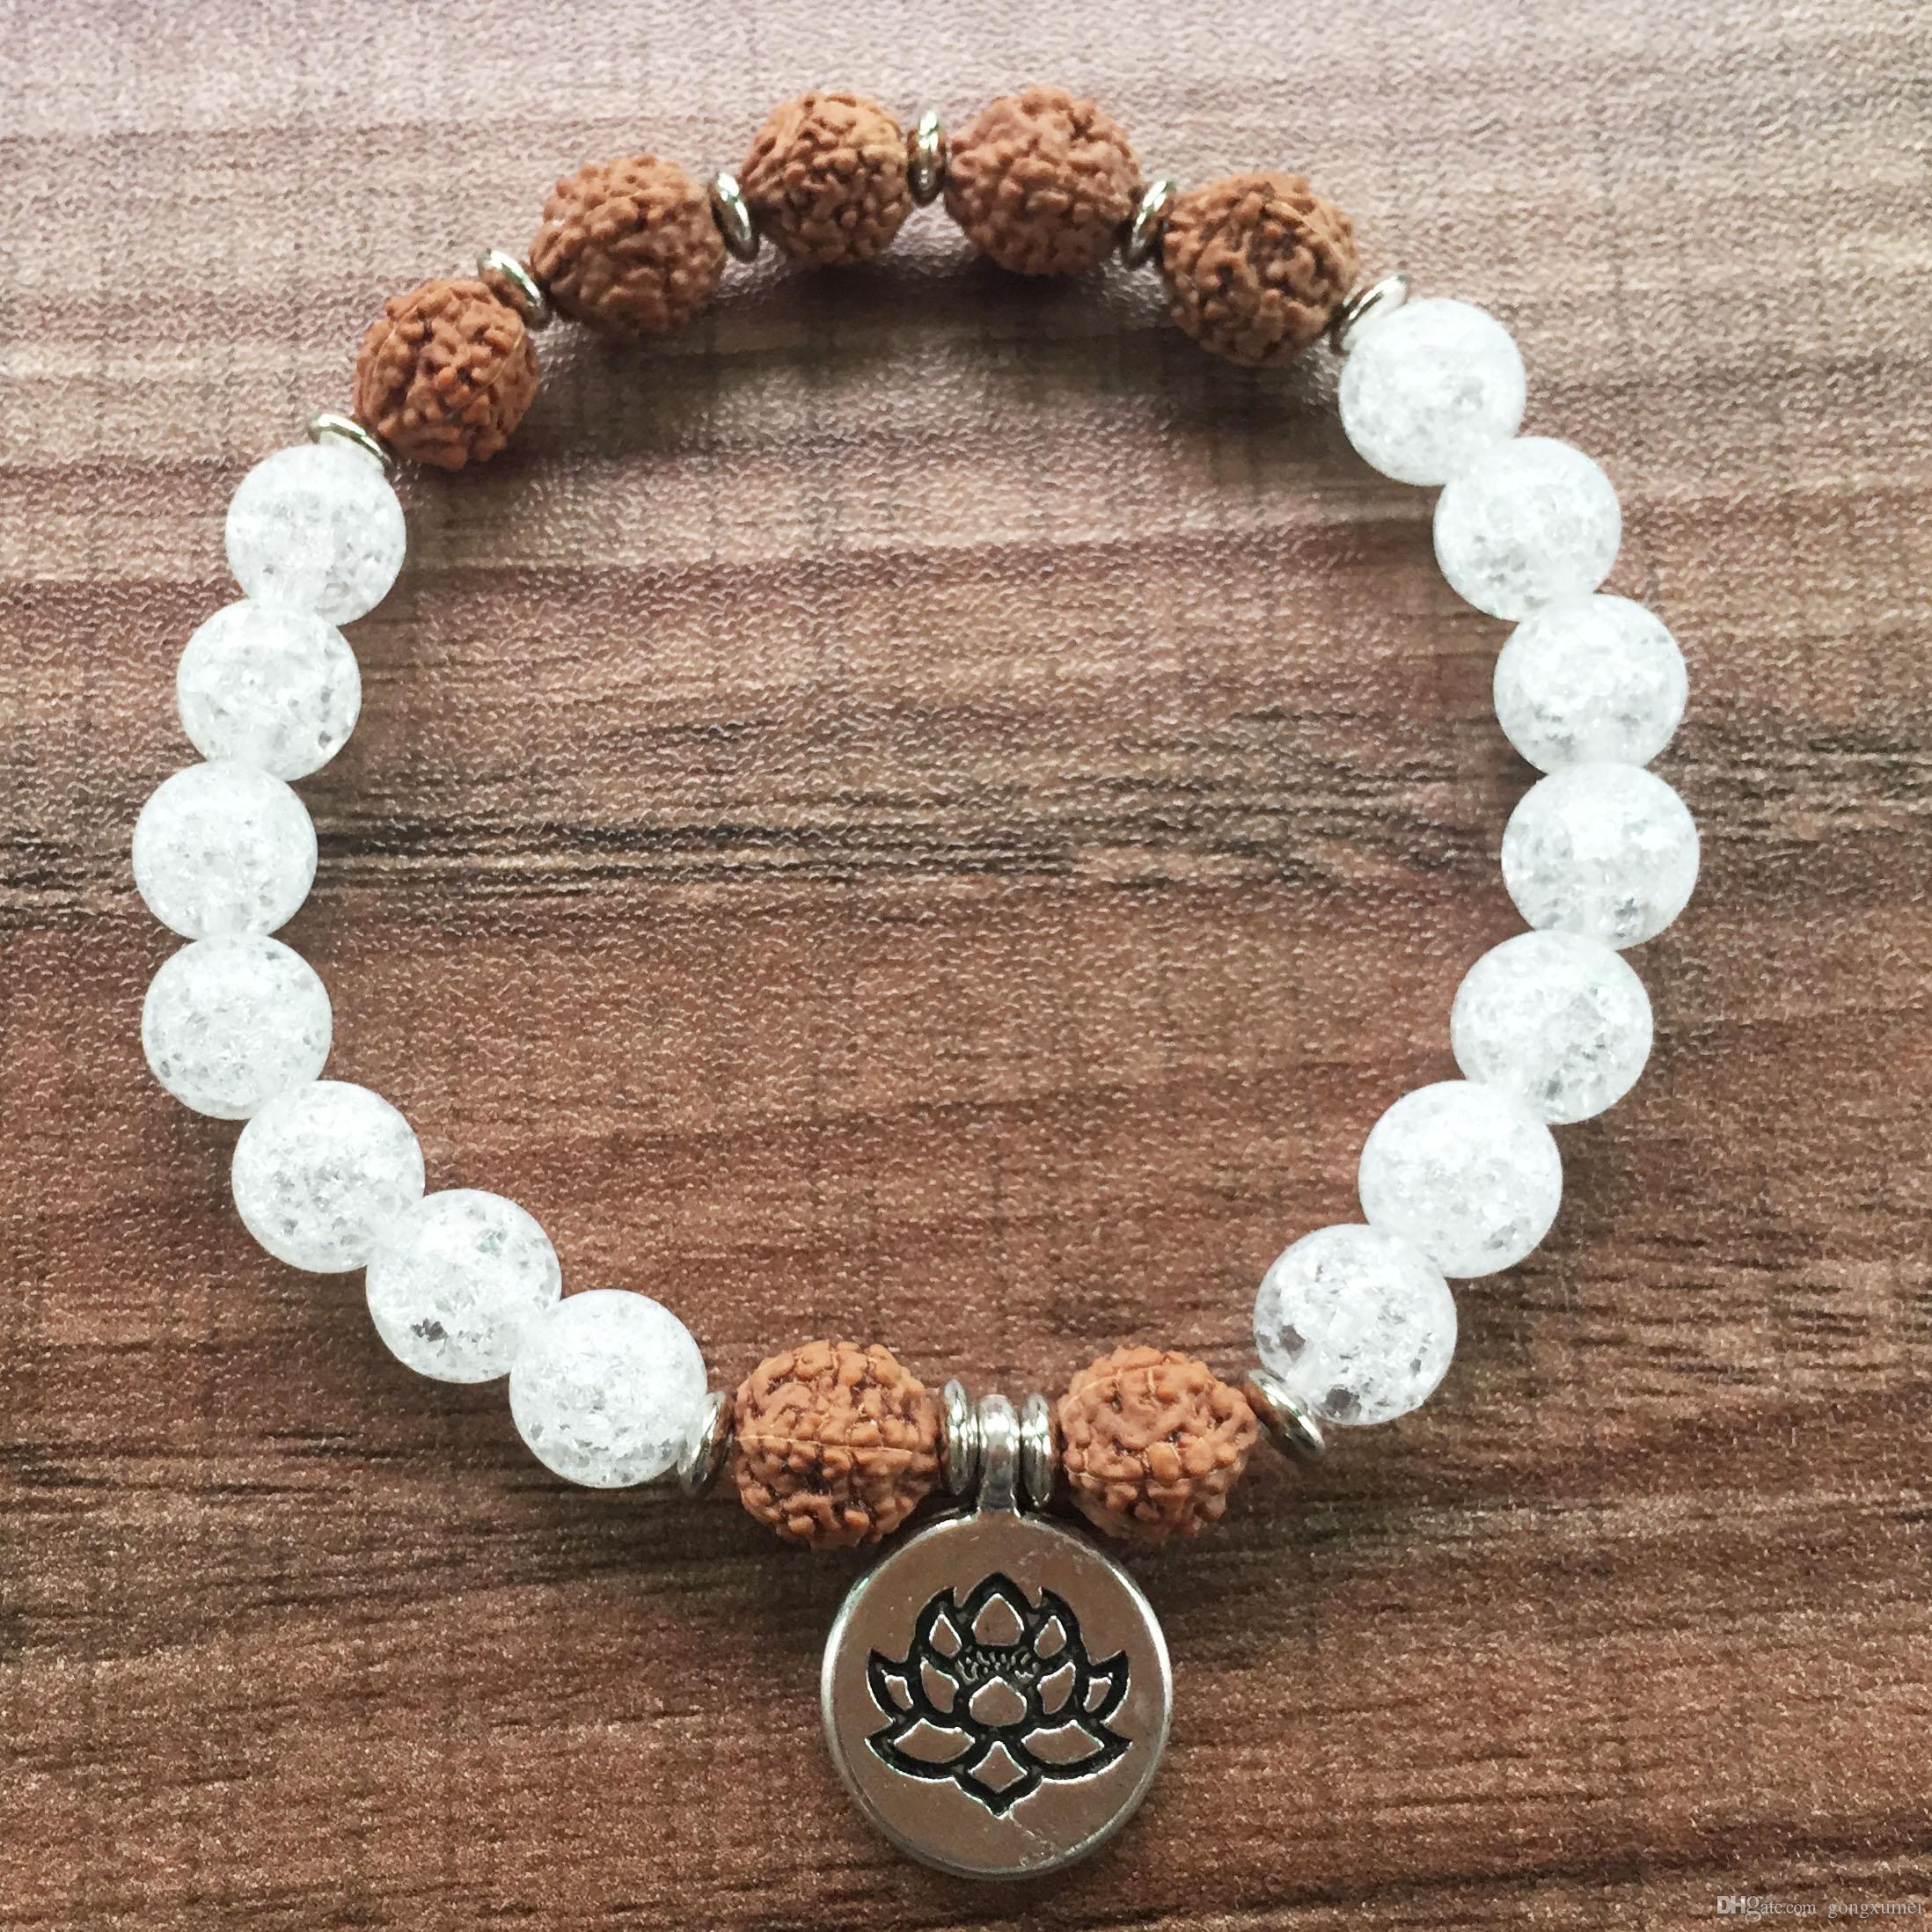 Мала бусины браслет женщины 8 мм белый кристалл браслет Лотос кулон бусины браслеты Бодхи браслеты йога молитва